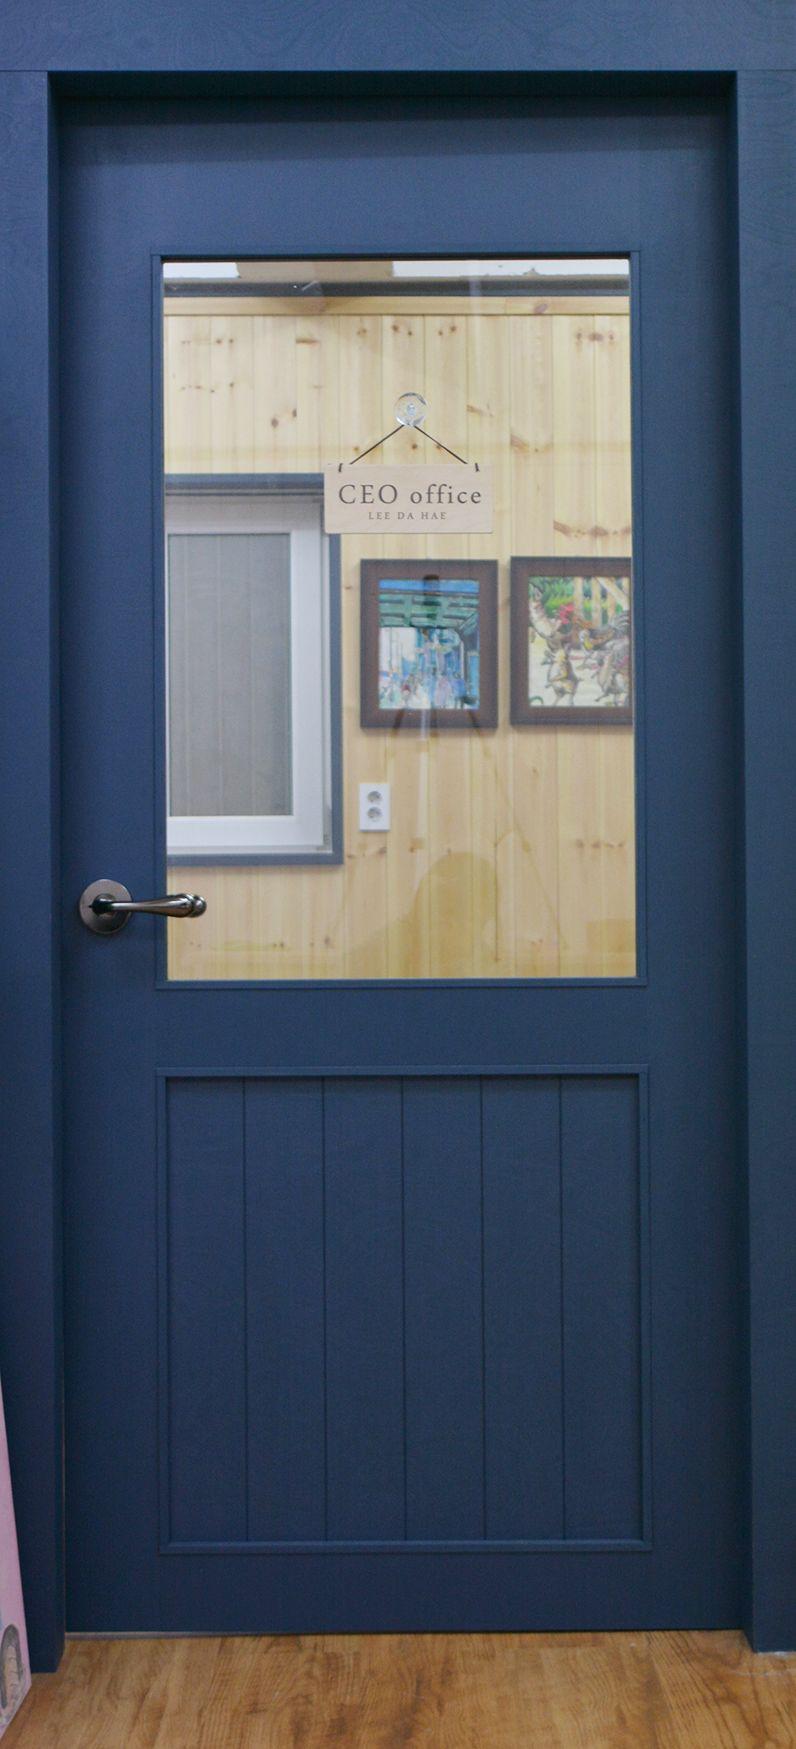 door design by WHITEAPPLE 화이트애플에서 디자인한 문  Interior design by ...